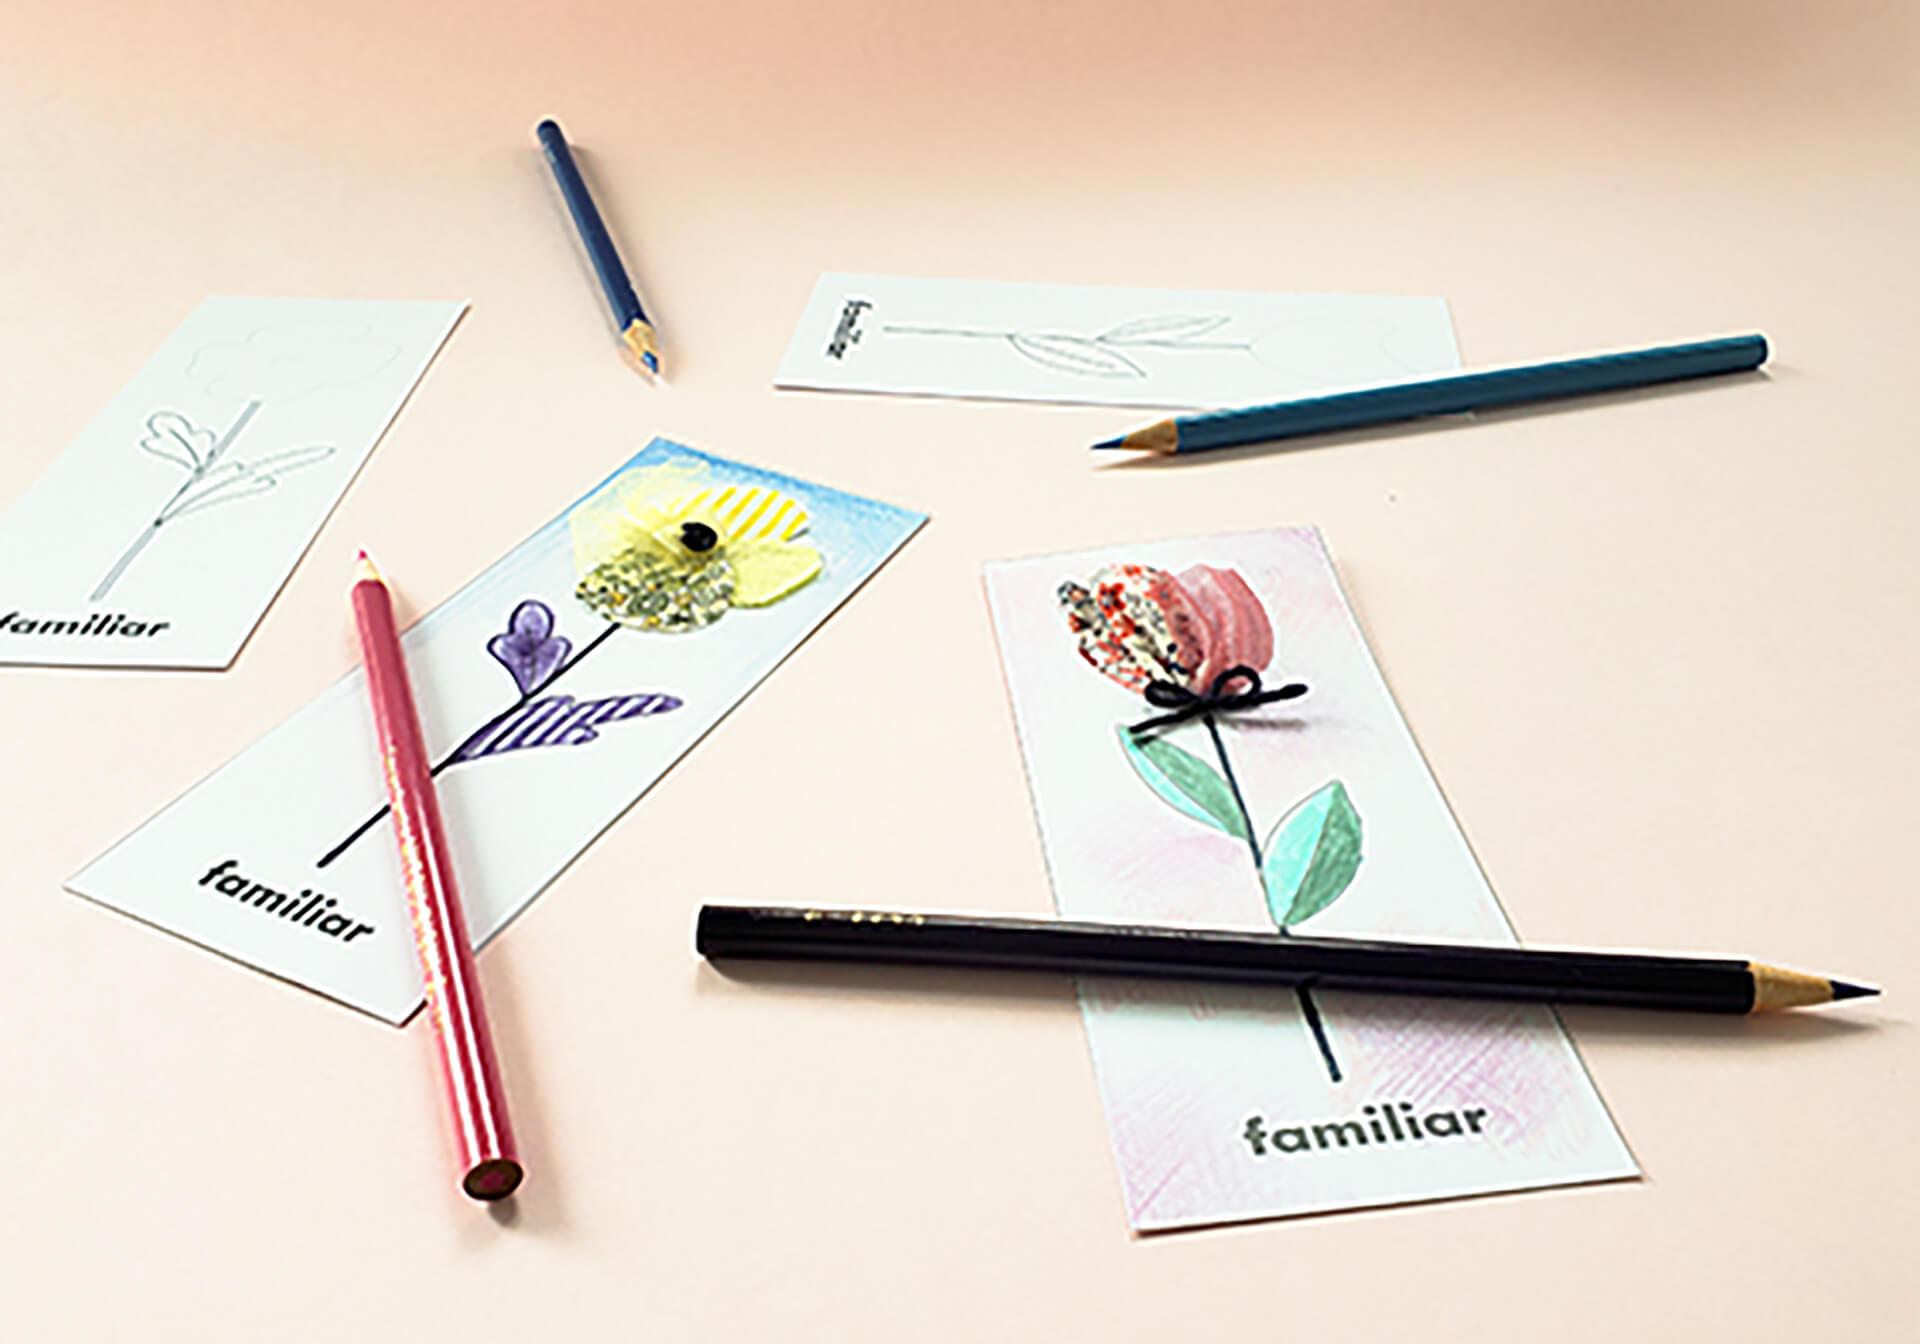 この写真は「こどもてんらんかい」のワークショップ・お花のグリーティングカード